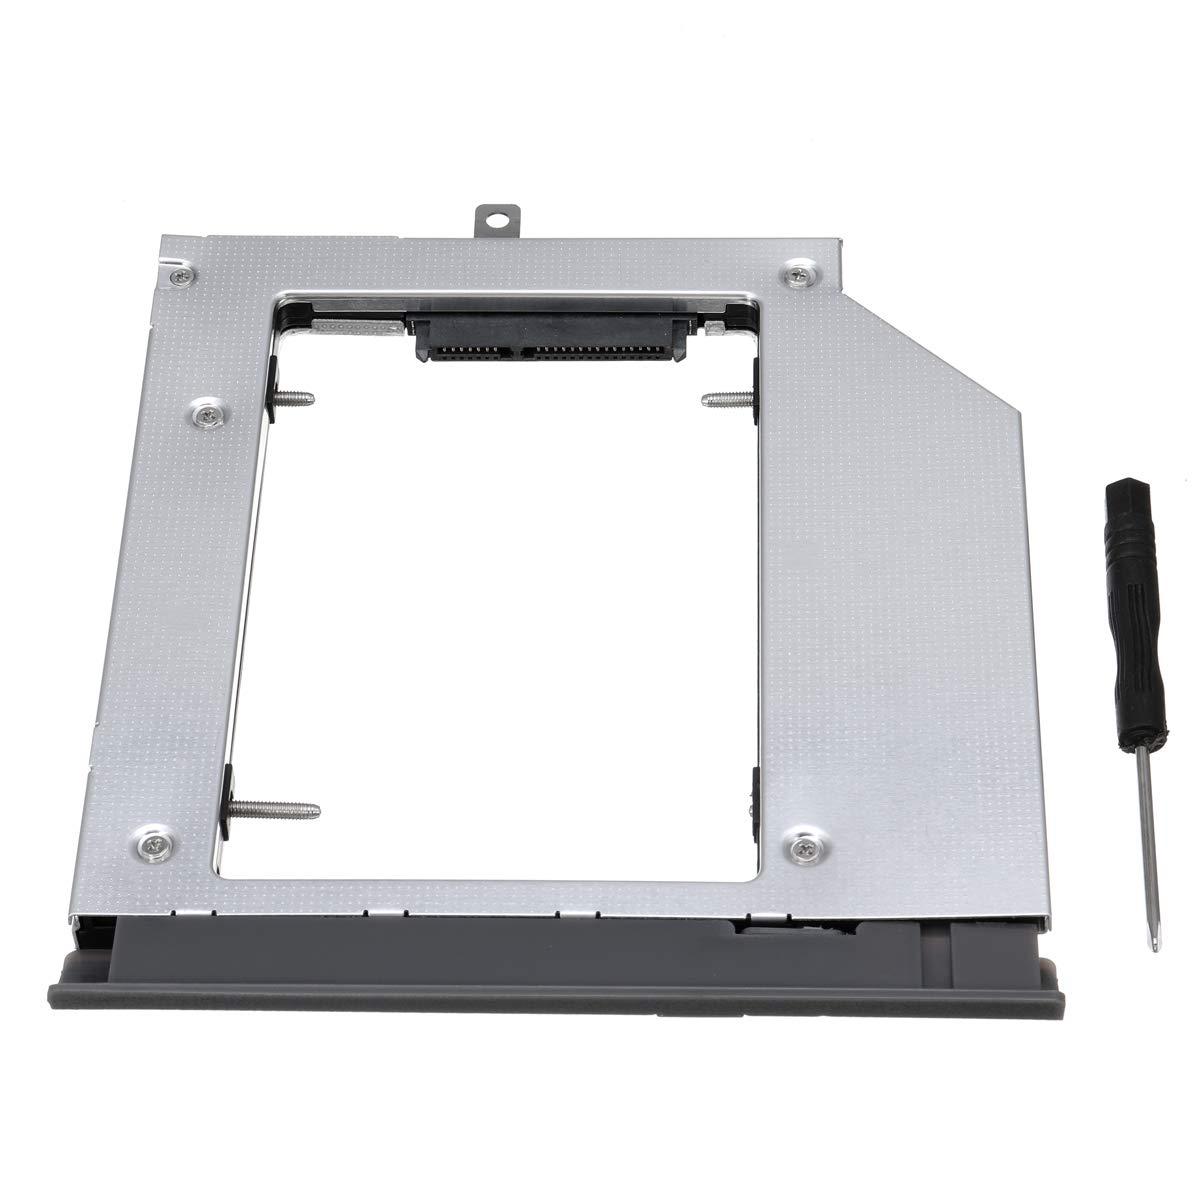 DyNamic Portable Lecteur Optique Baie Disque Dur Caddy pour Lenovo LIntention 320 330 520 Converter